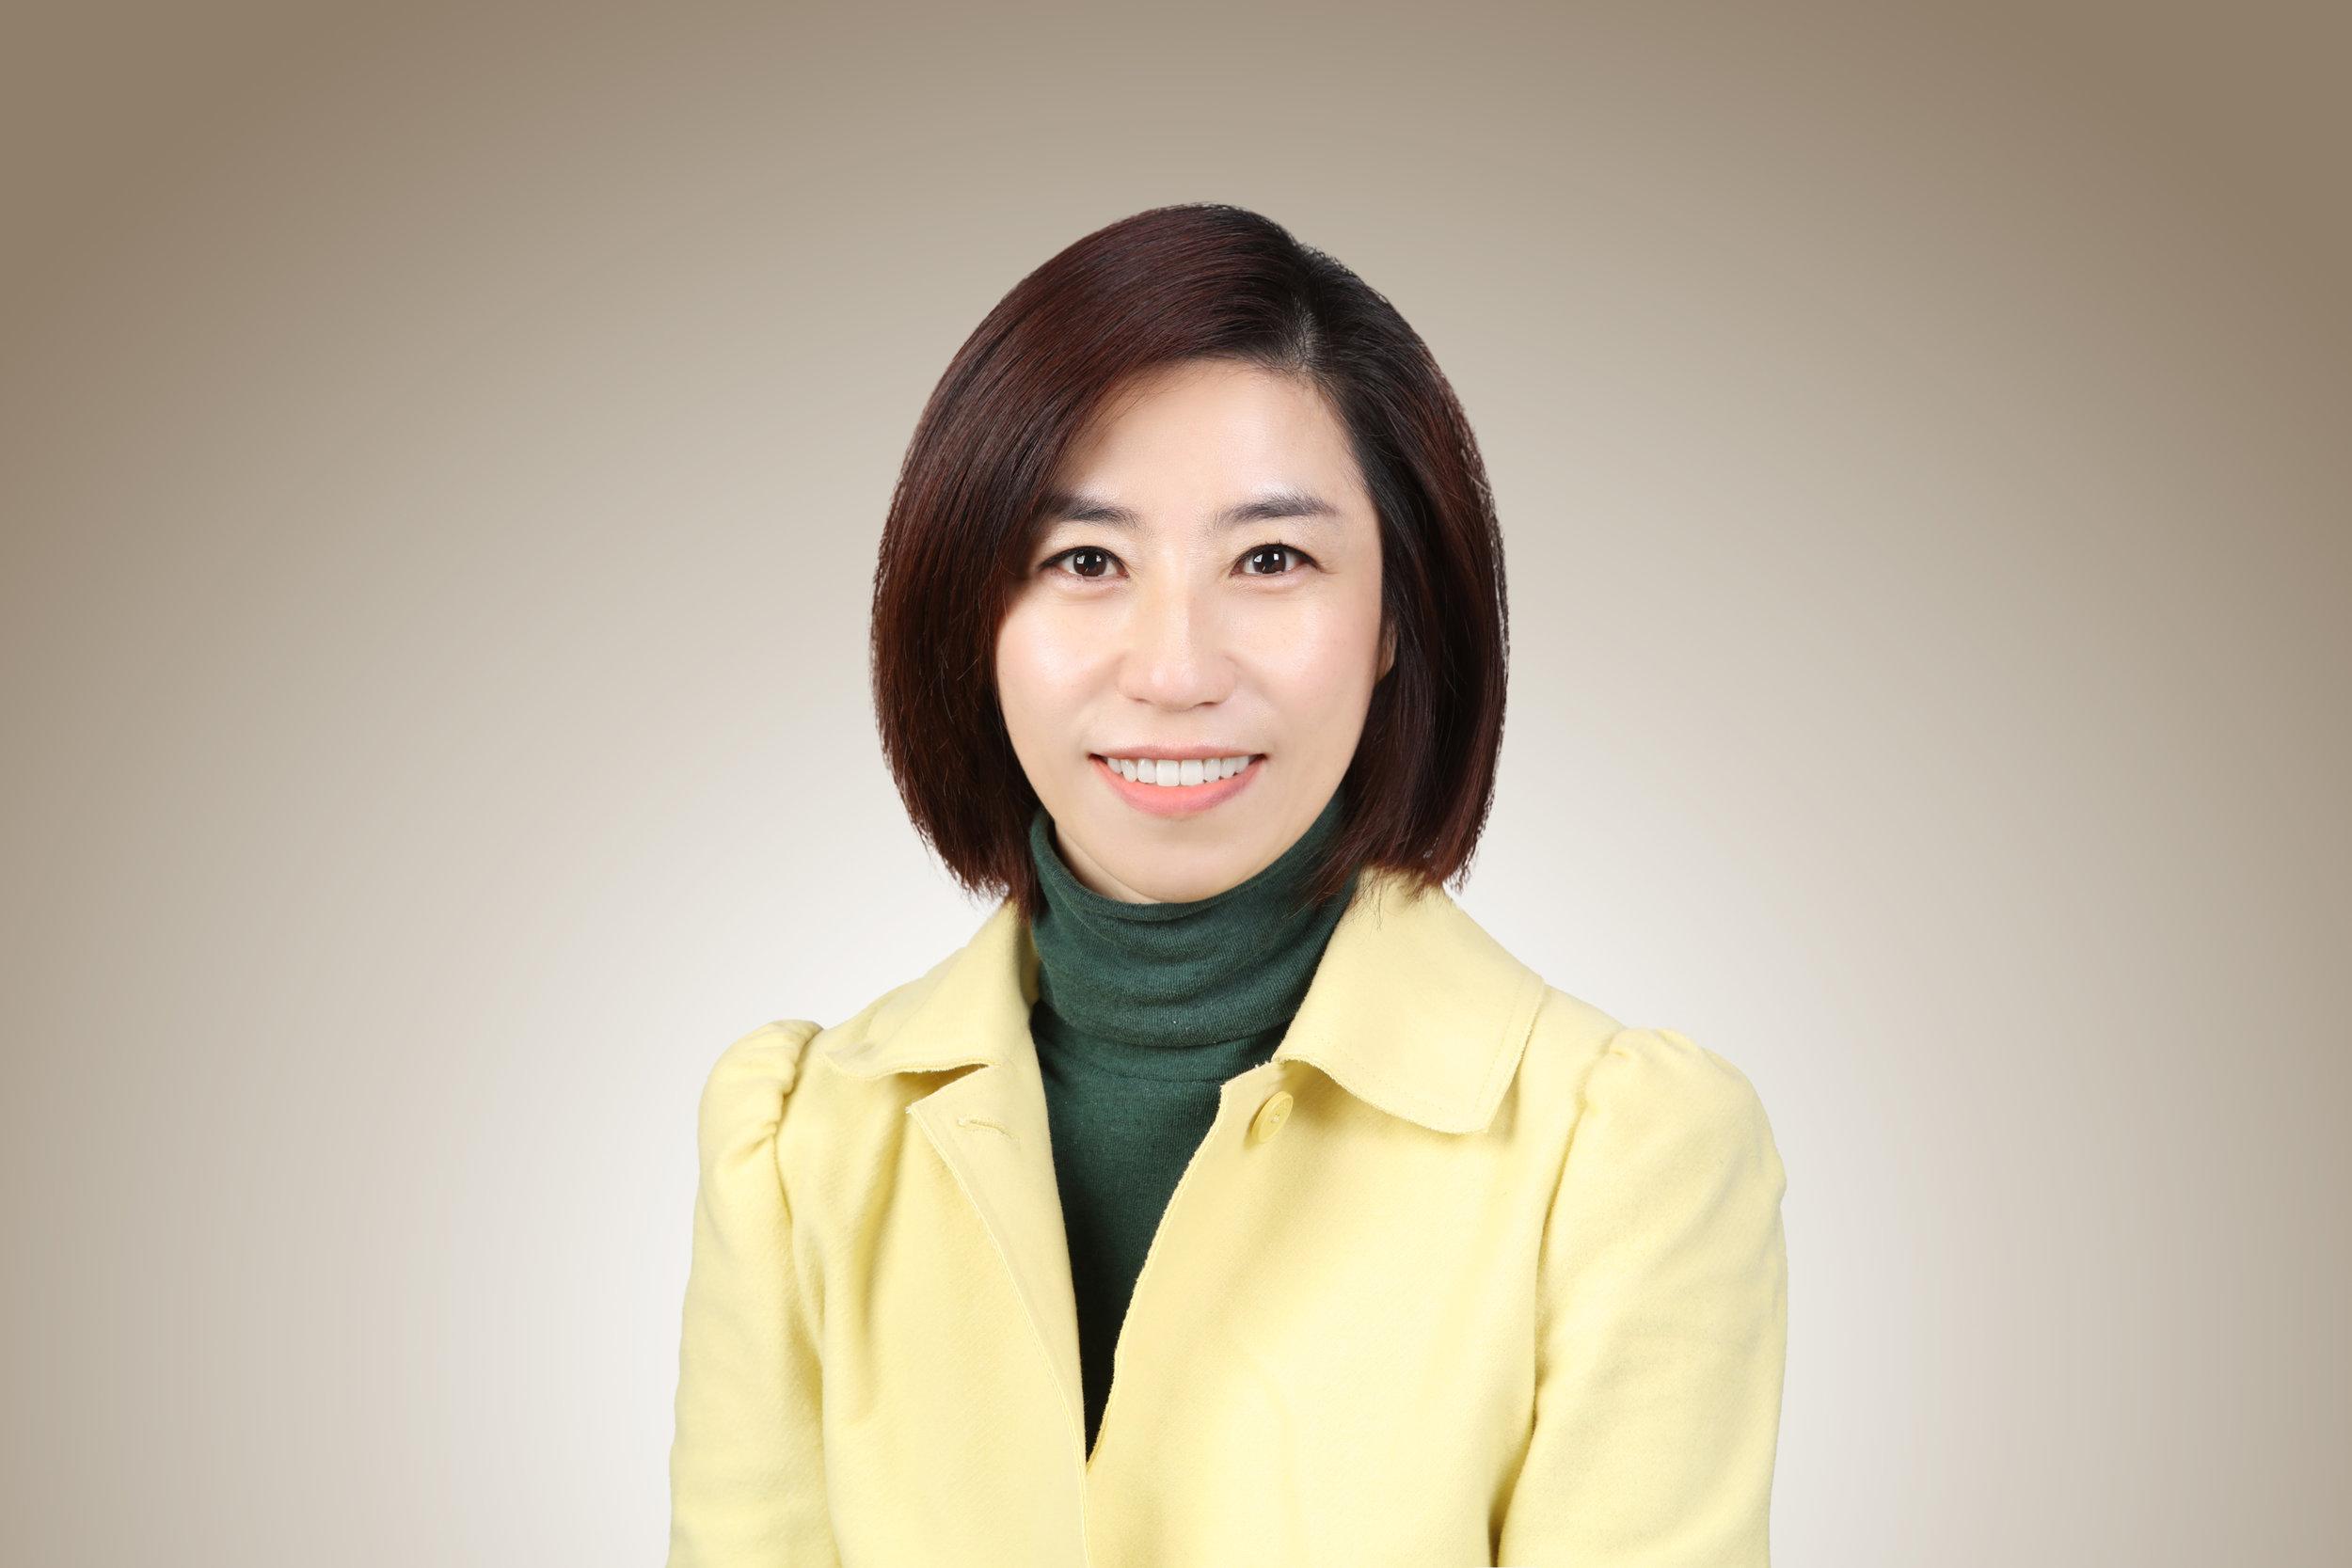 LEE Eun-Kyoung